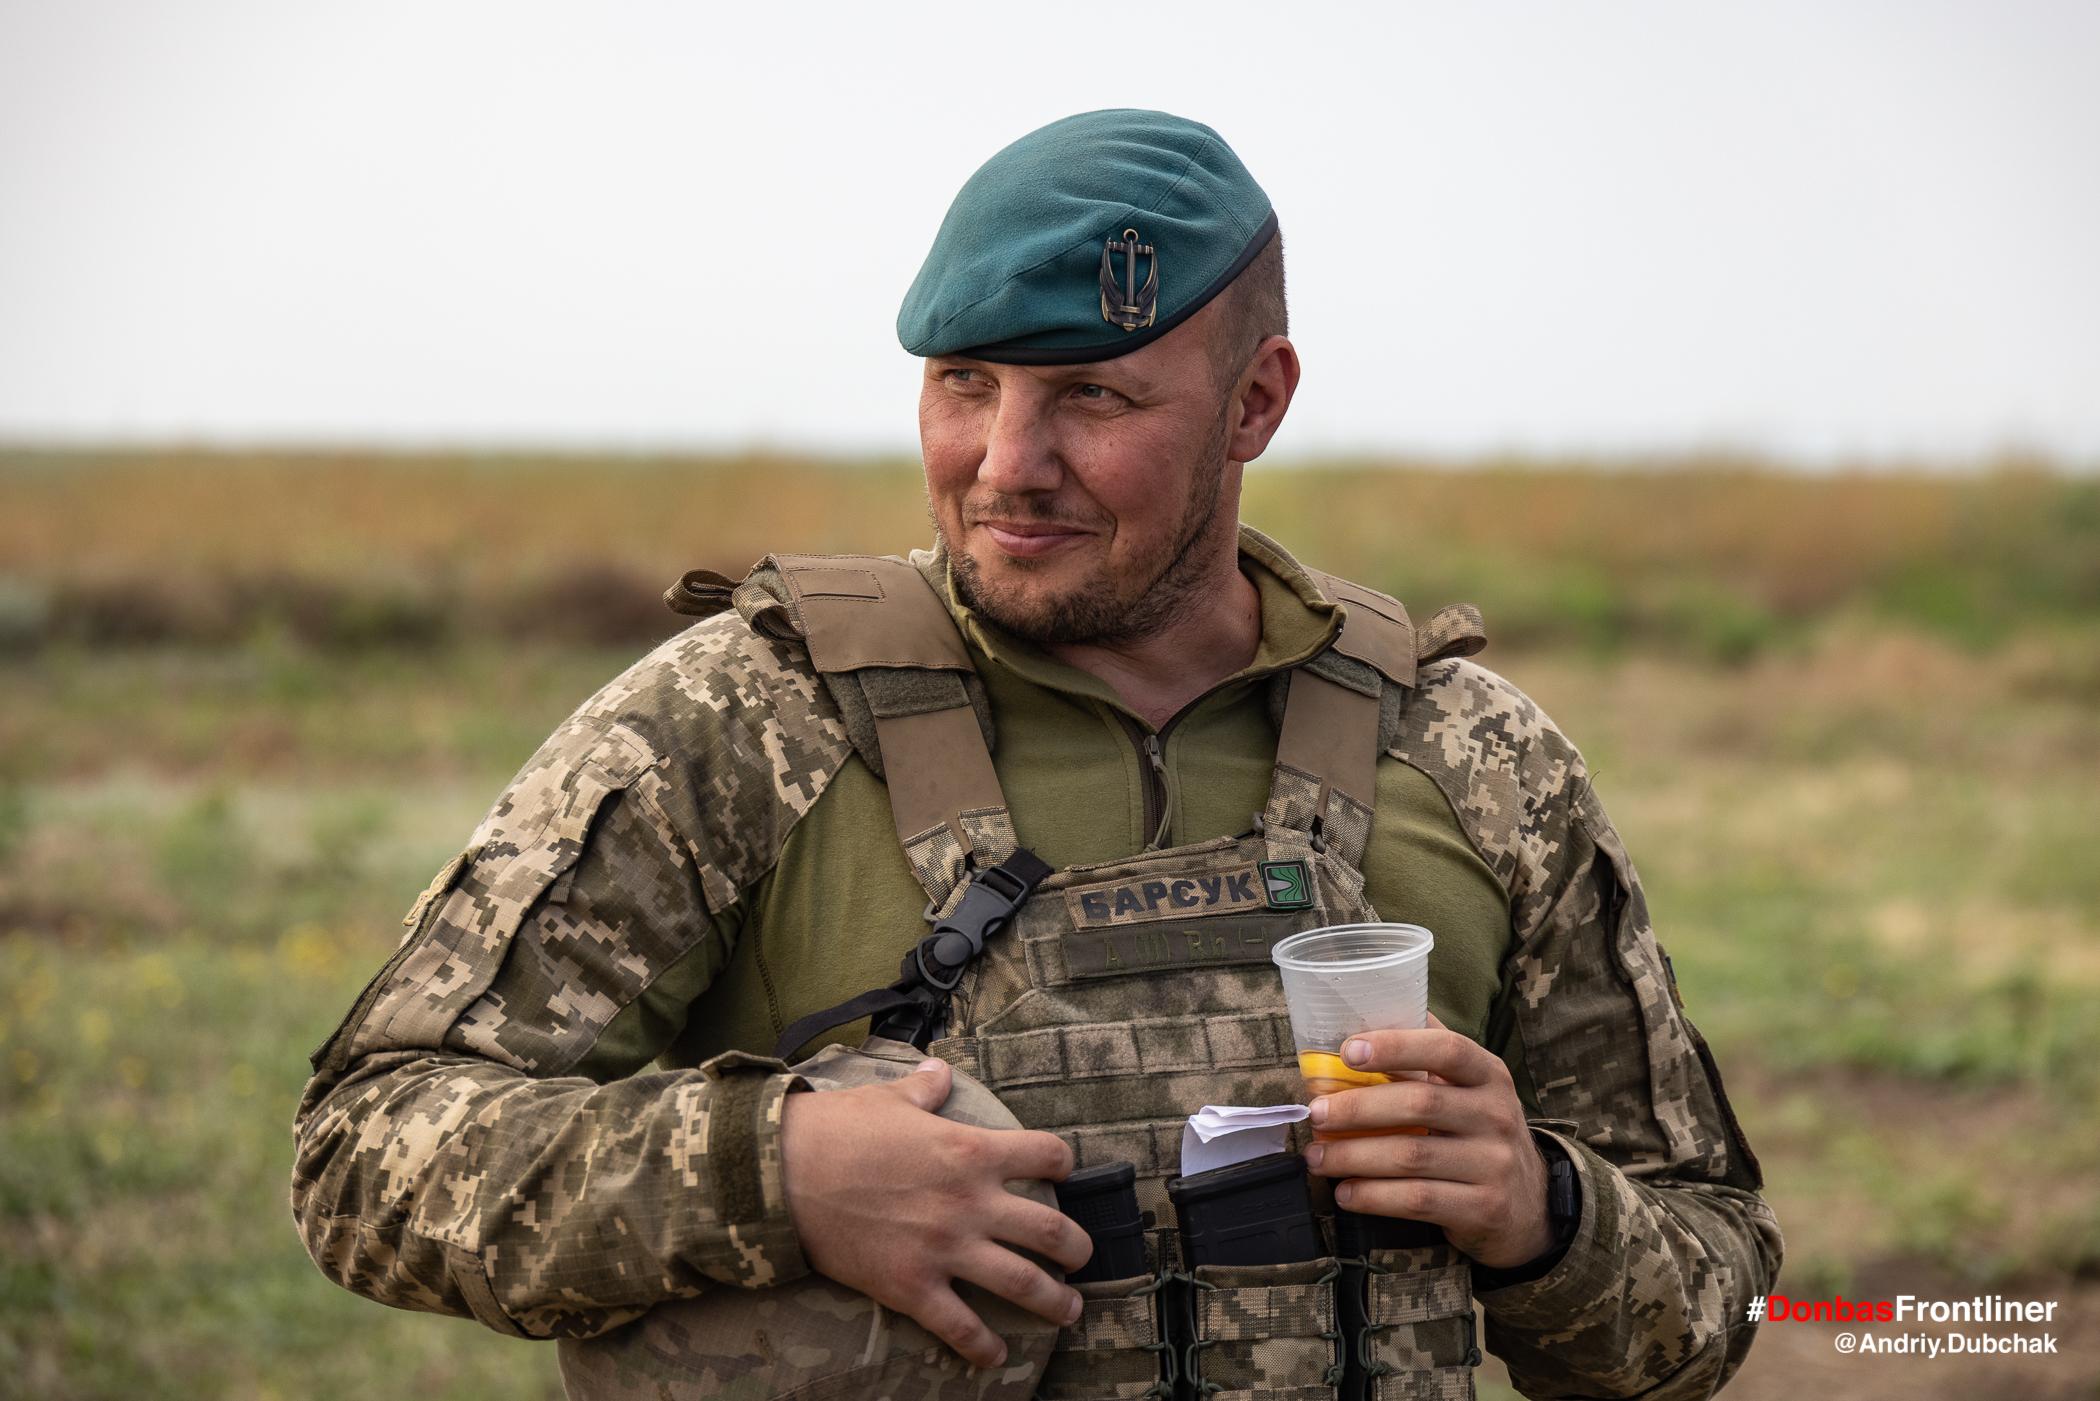 Командир 503 батальйону морськ піхоти Барсук. Бойове тренування 503-го батальйону морської піхоти на Приазов'ї, липень 2021 року